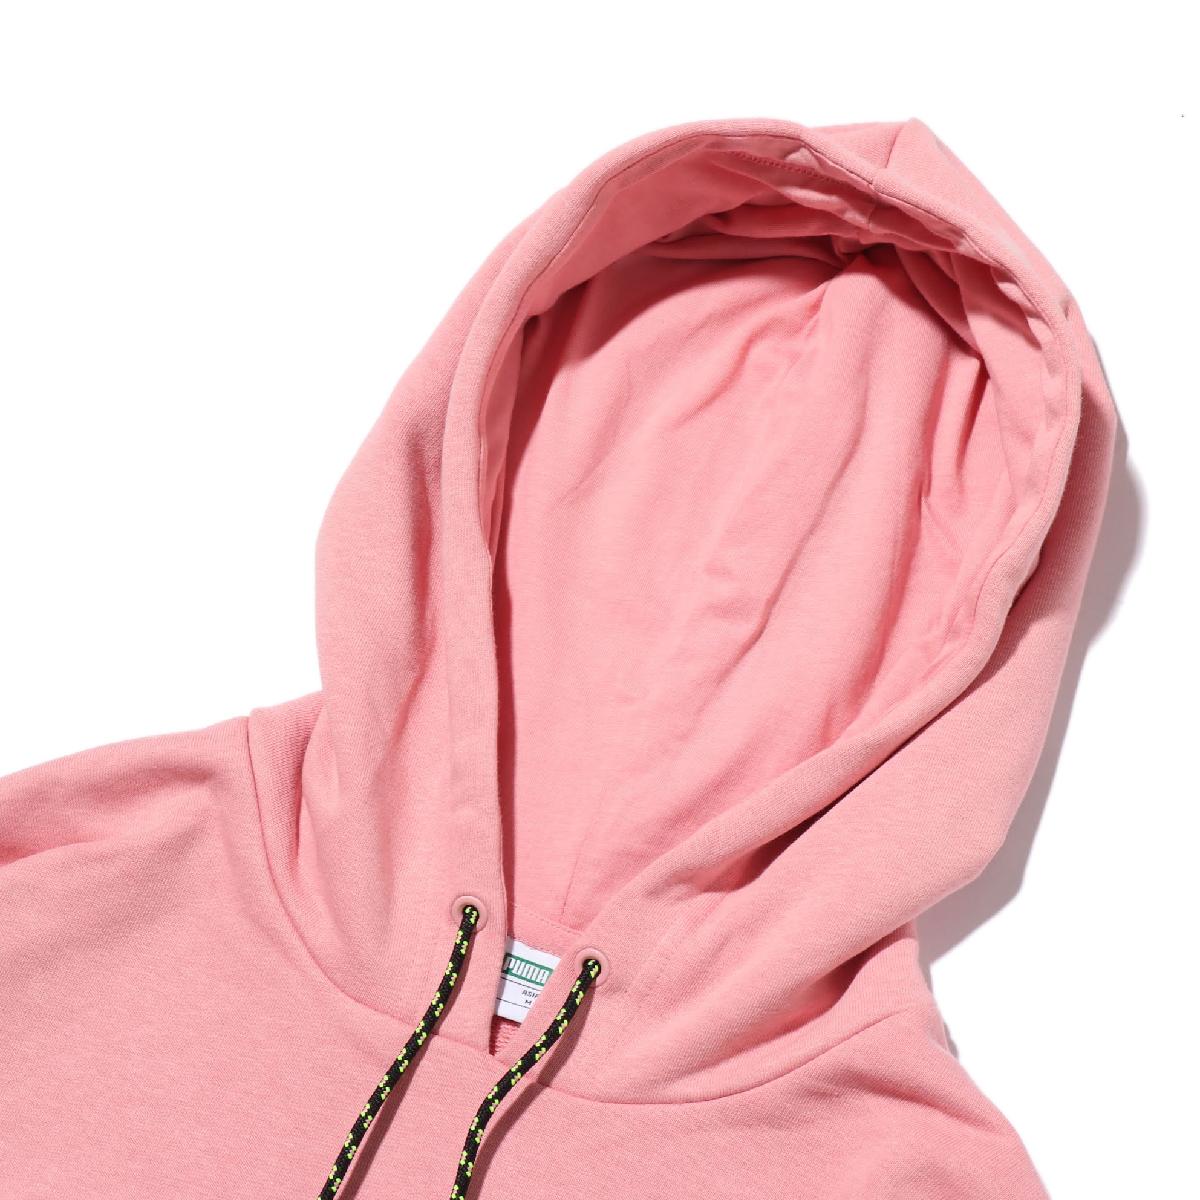 PUMA CHASE HOODED DRESS プーマ チェイス フーデッド ドレス BRIDAL ROSE レディース ワンピース 19FA IFKJ1T3uc5l